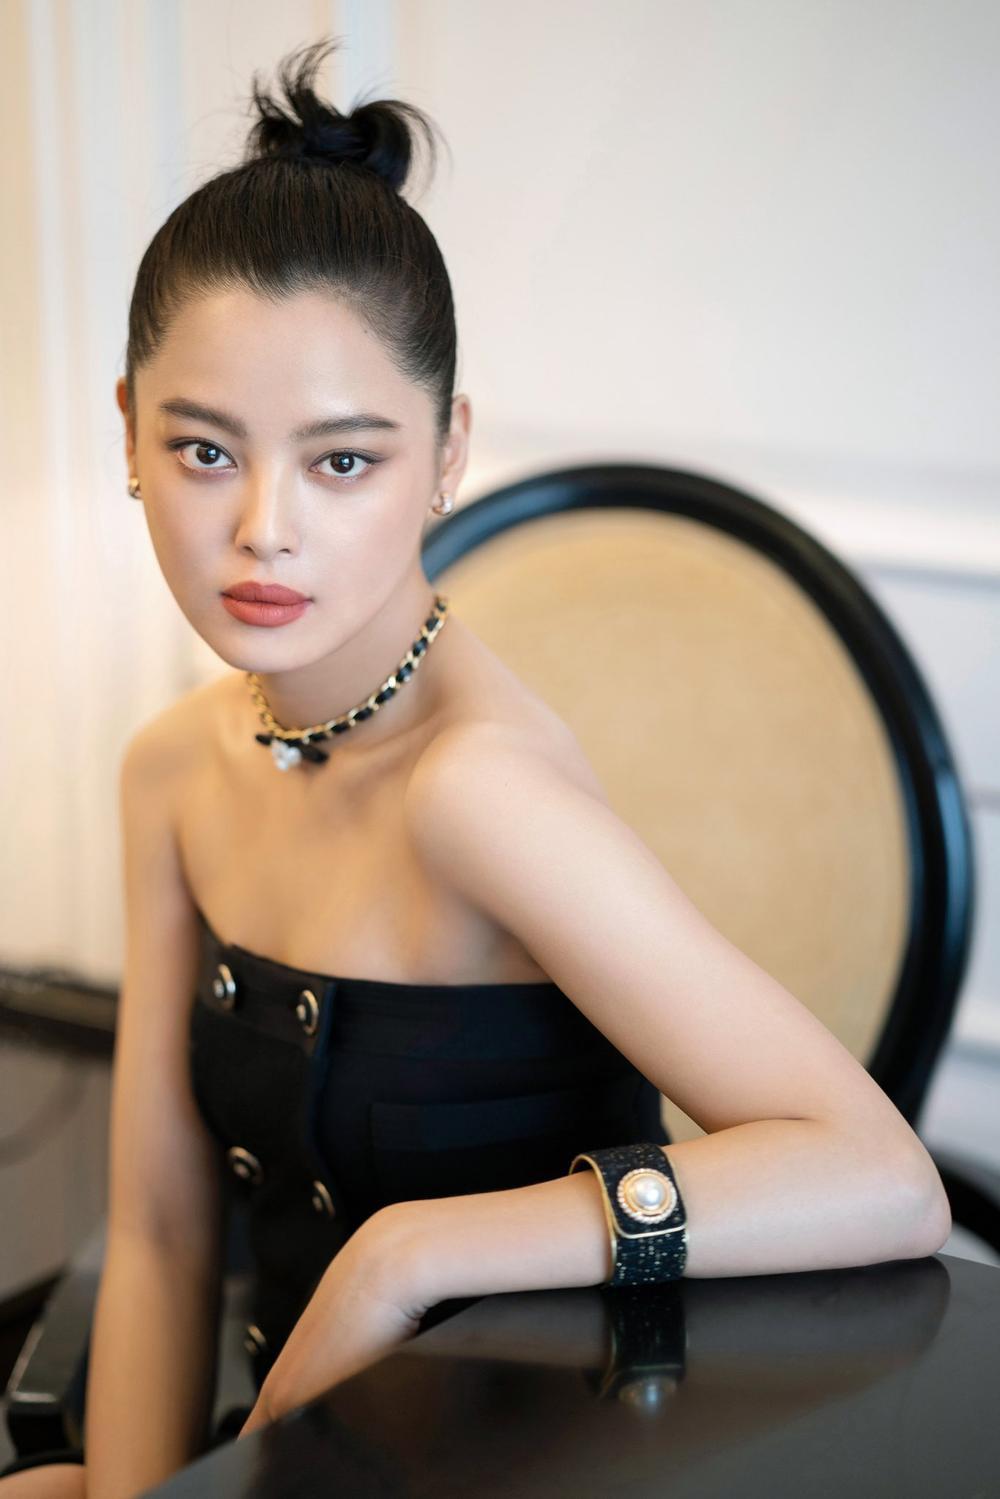 'Đêm hội ELLE 2020': Cận cảnh nhan sắc đẹp nao lòng của Dương Mịch, Cổ Lực Na Trát, Đường Yên và loạt sao Cbiz Ảnh 48